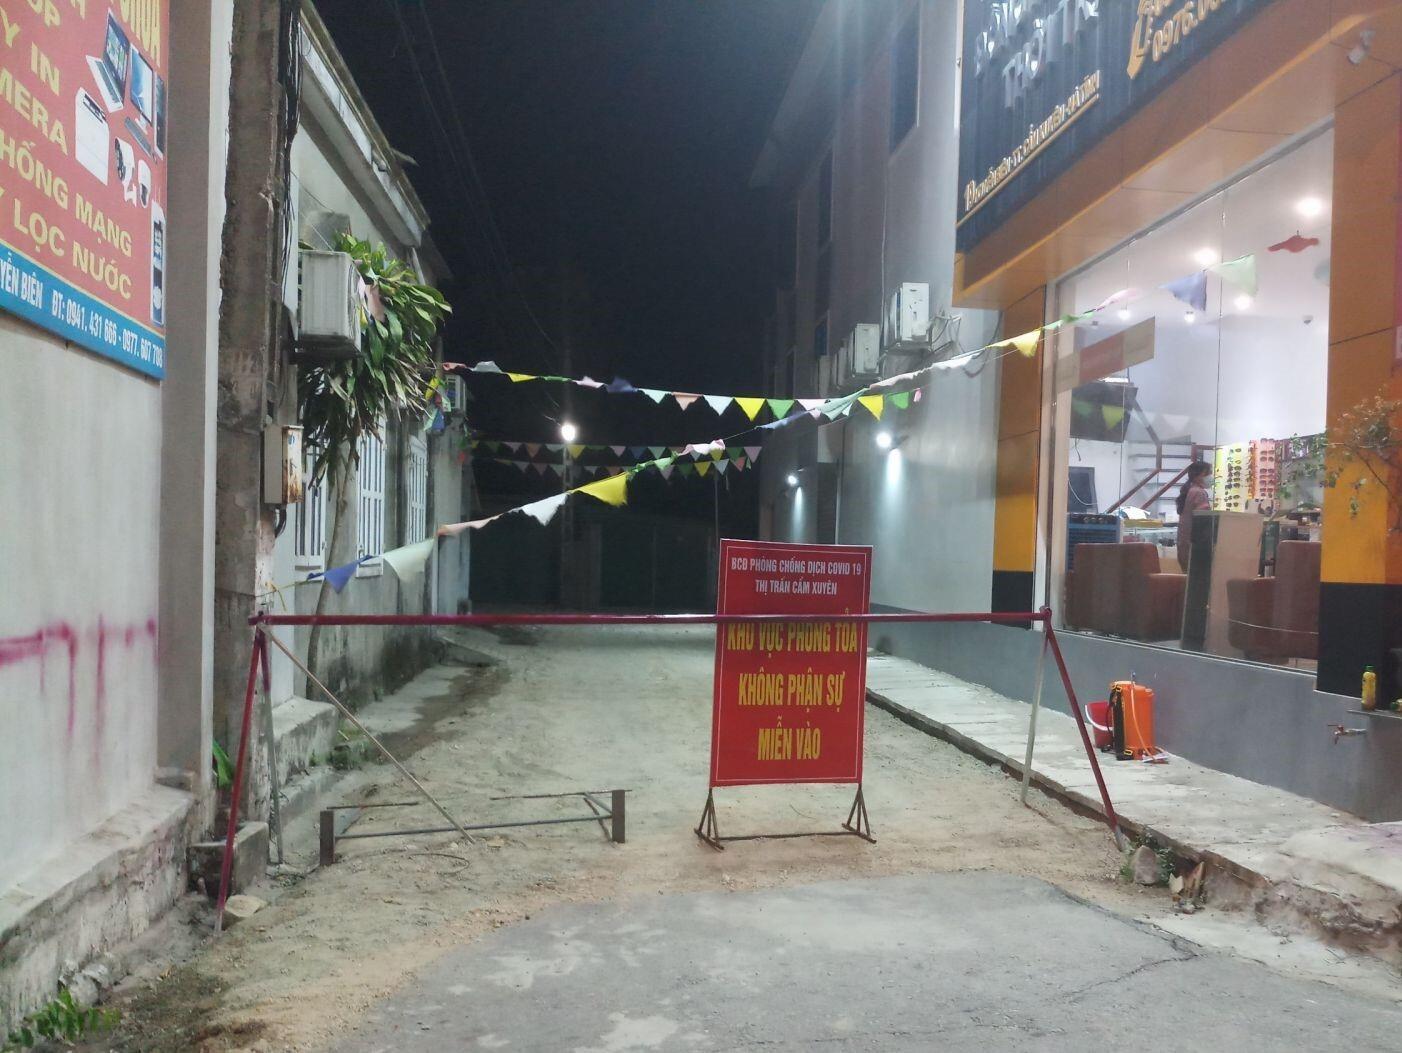 Phát hiện 1 ca nhiễm SARS-CoV-2 ở cộng đồng, Hà Tĩnh phong tỏa hơn 2.000 hộ dân - 1